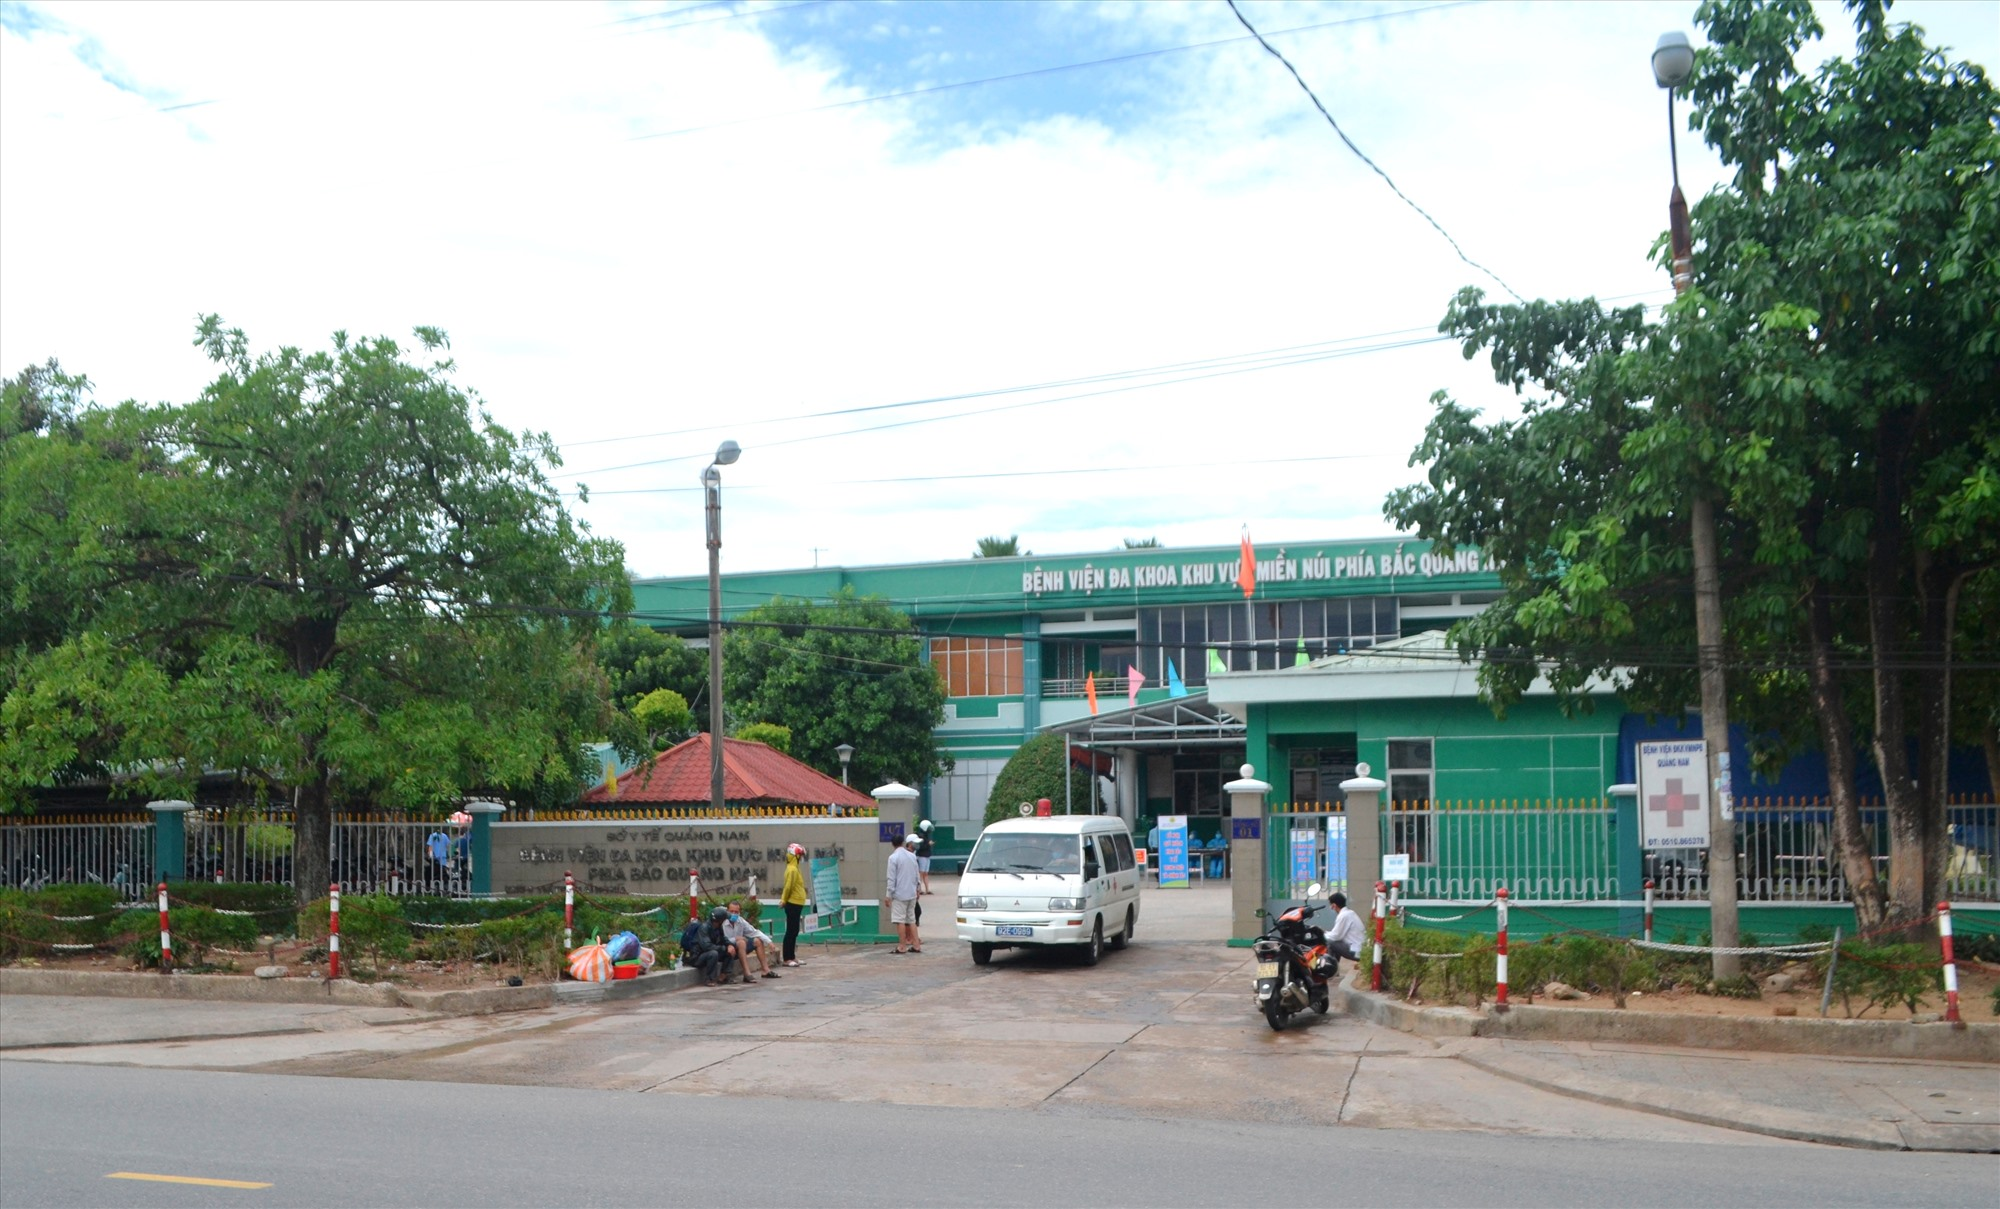 Bệnh viện ĐKKVMN phía Bắc Quảng Nam đang tiếp nhận bệnh nhân đến khám và điều trị. Ảnh: CT